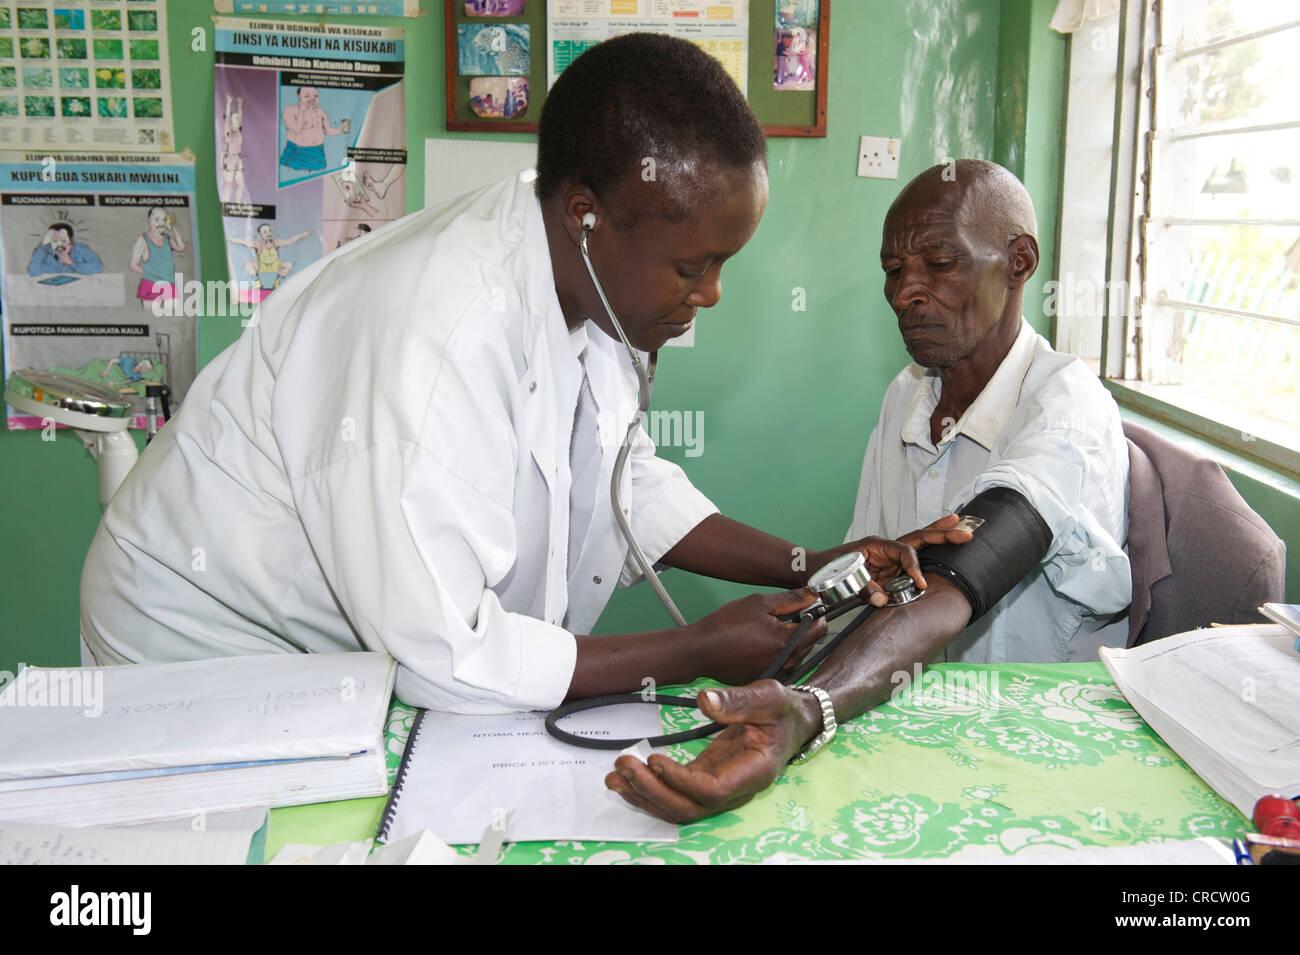 El médico y el paciente en un hospital cerca de Bukoba, Tanzania, África Imagen De Stock